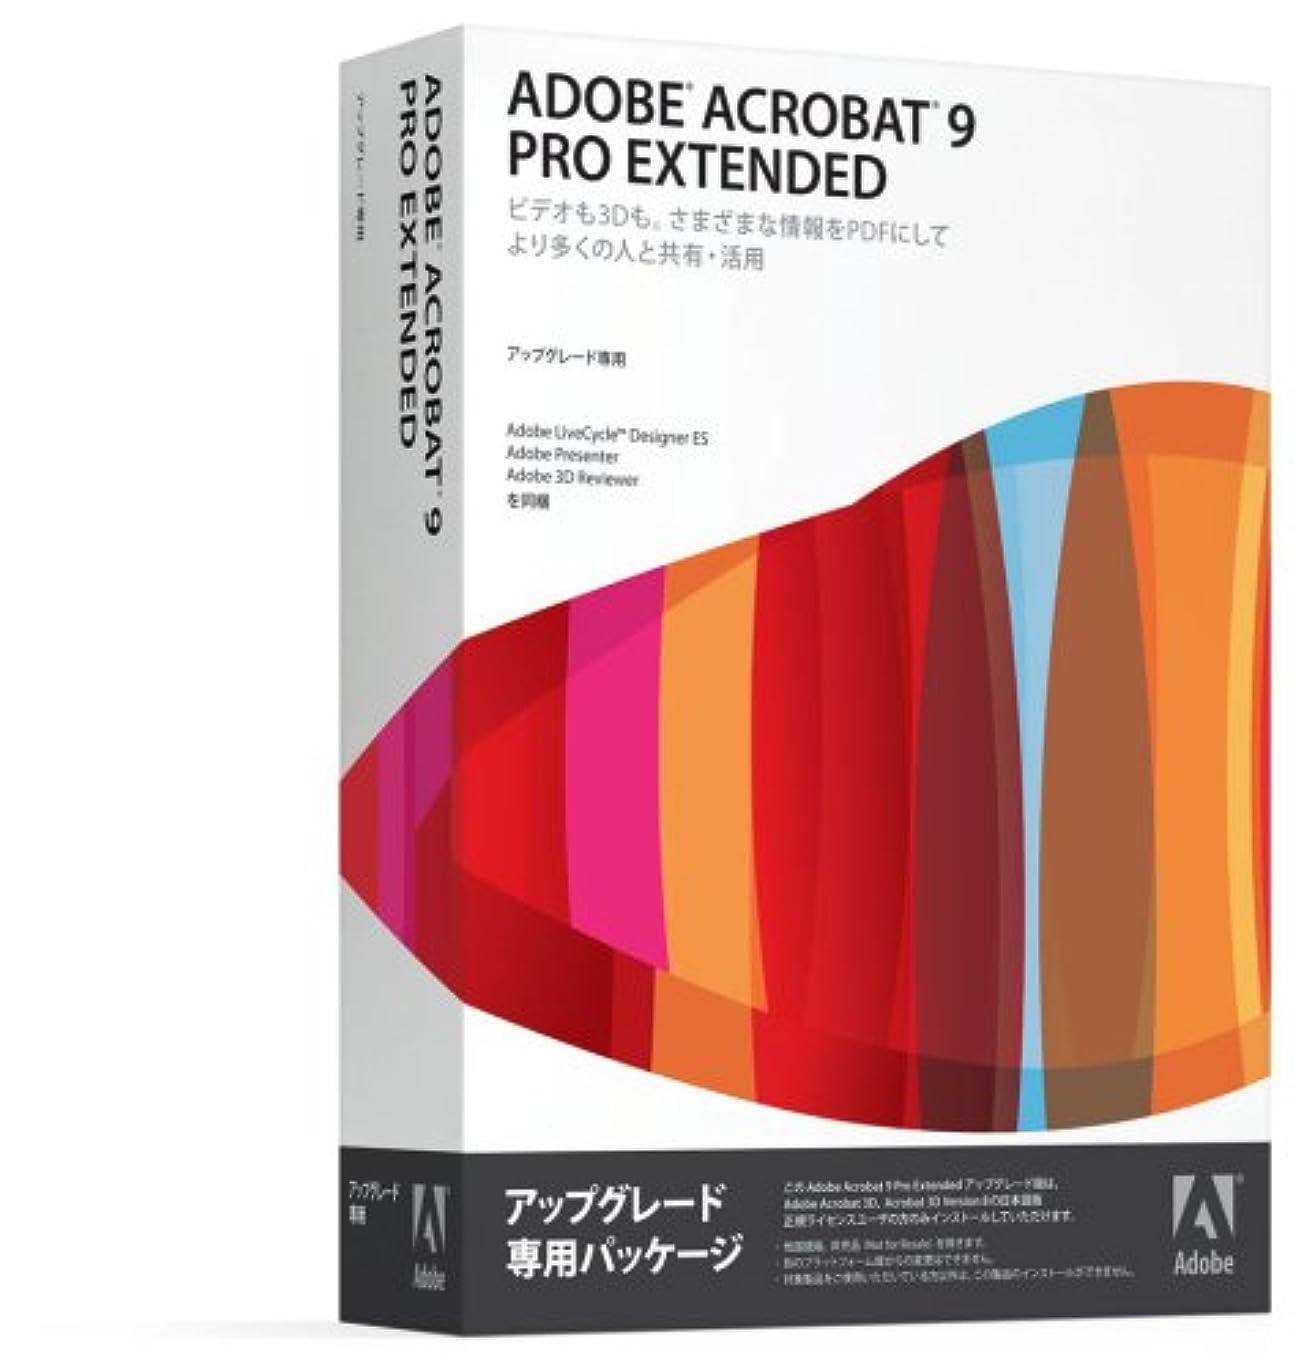 骨の折れる抗議取り扱いAdobe Acrobat 9 Pro Extended 日本語版 アップグレード版 (3D-Ex) Windows版